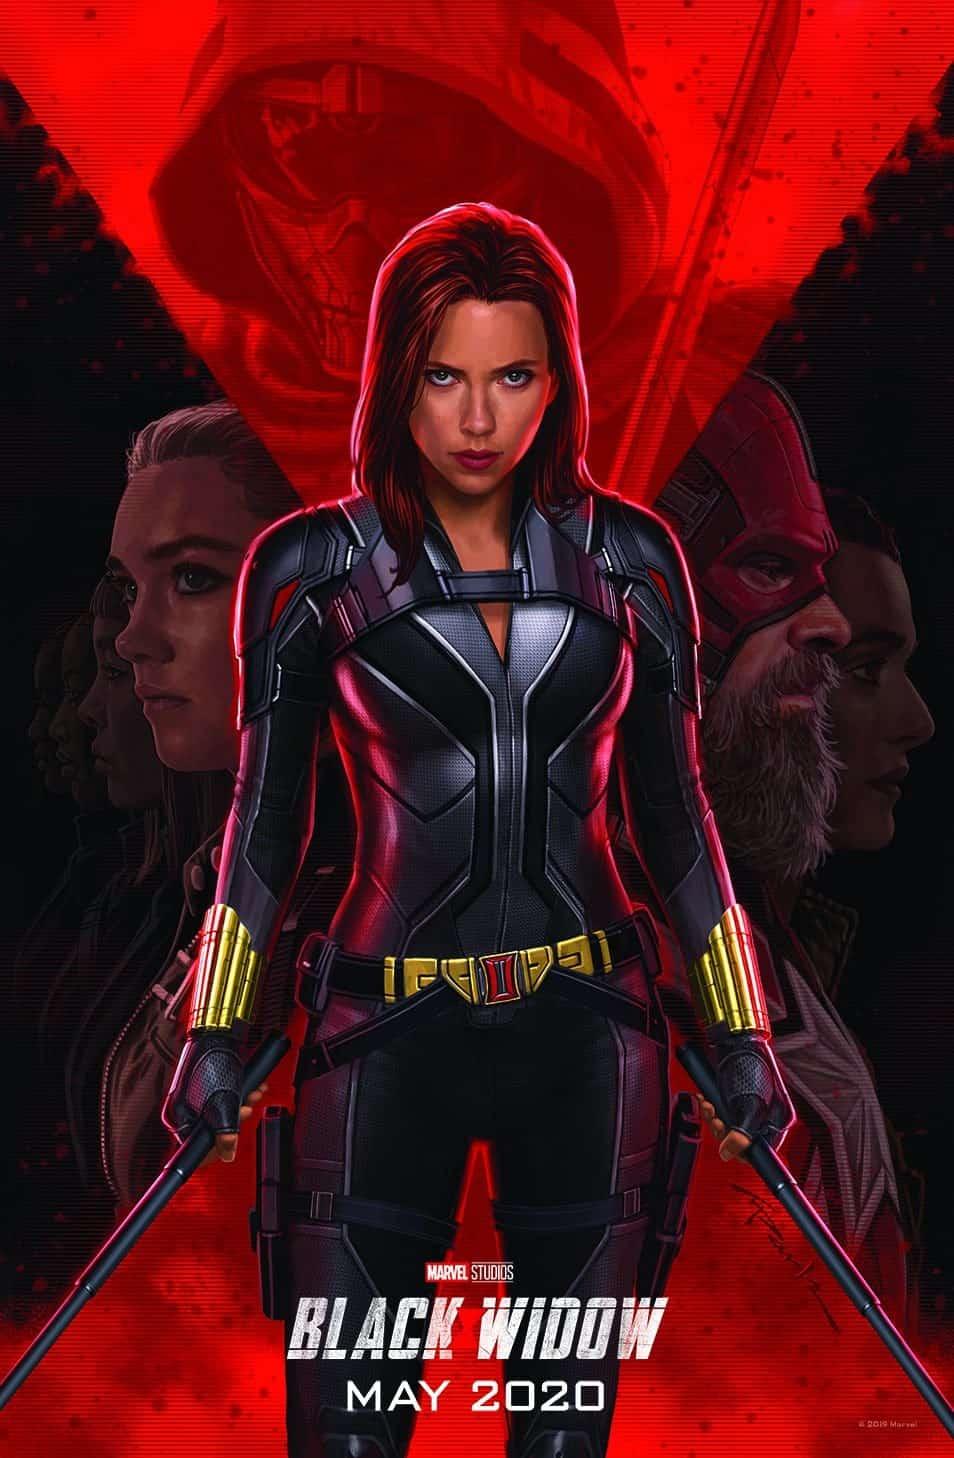 Black Widow Movie Poster 2020 Scarlett Johansson